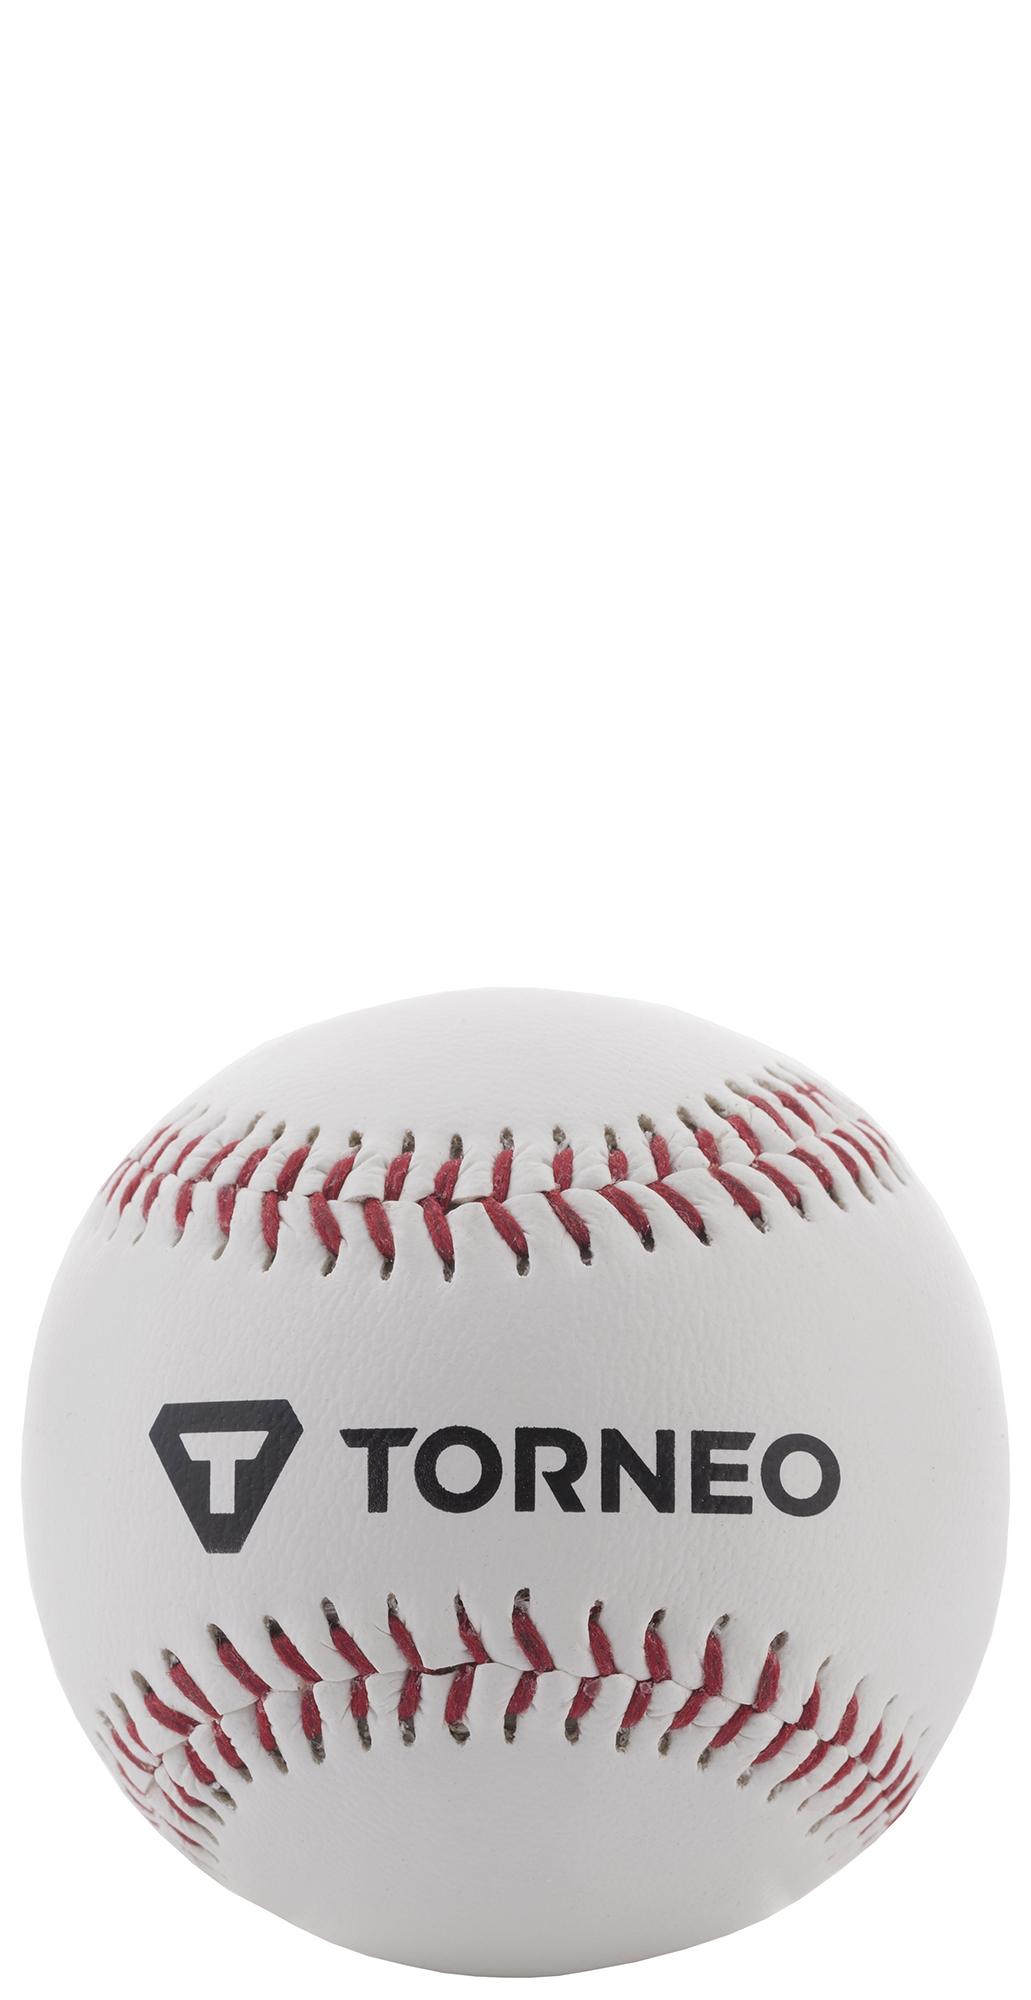 Torneo Мяч бейсбольный Torneo все цены